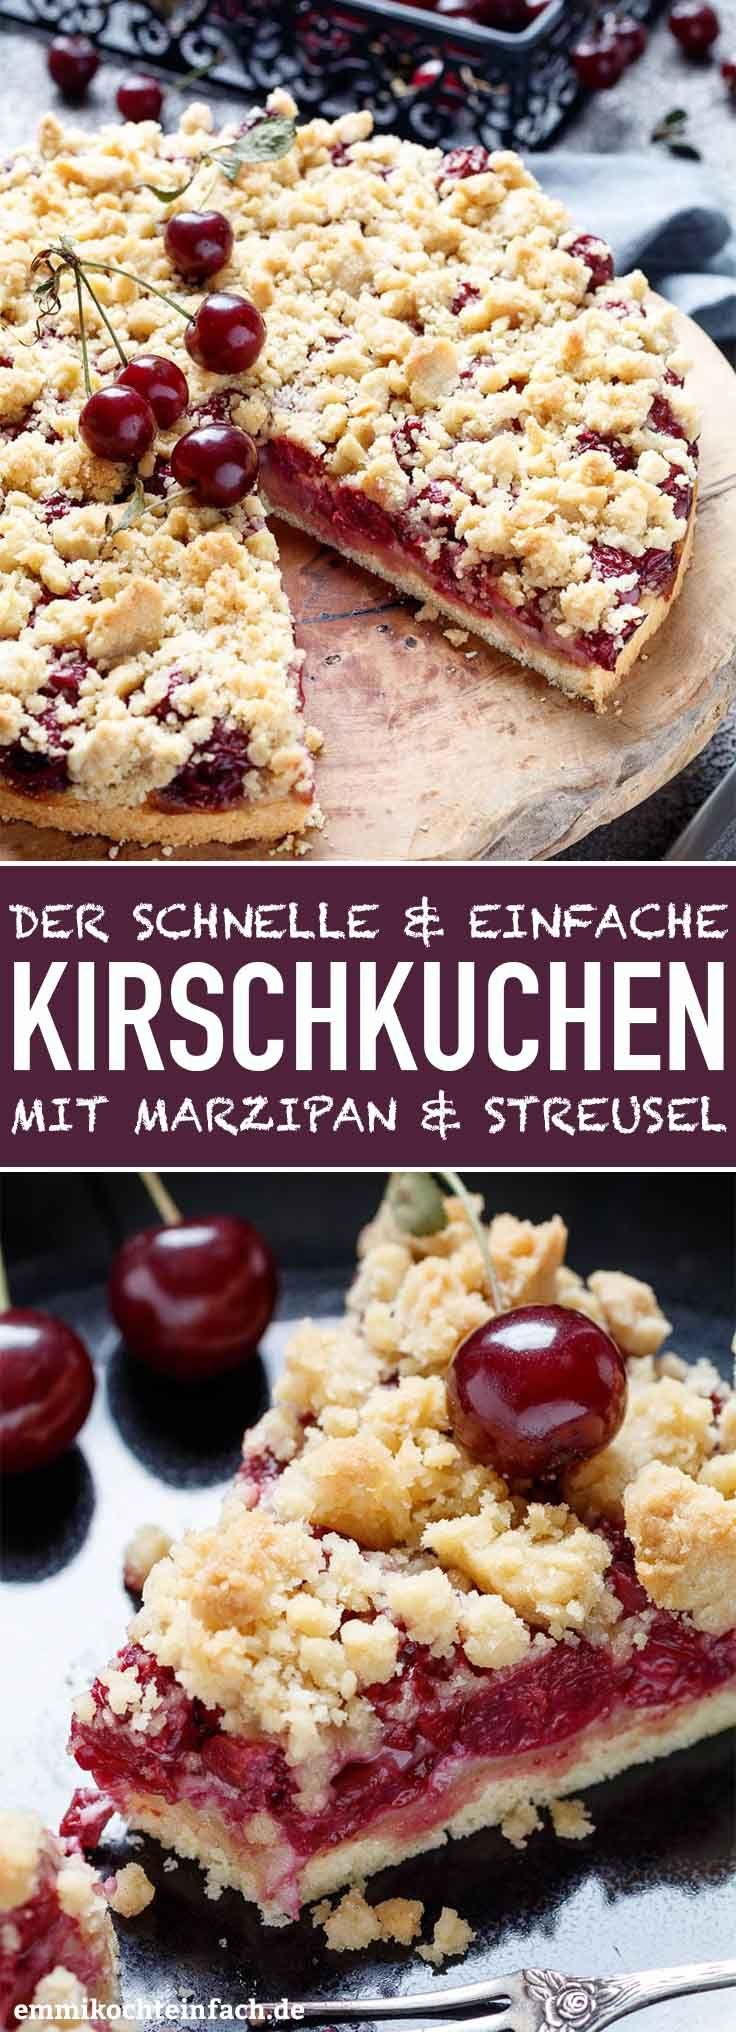 Kirschkuchen mit Marzipan und Streusel